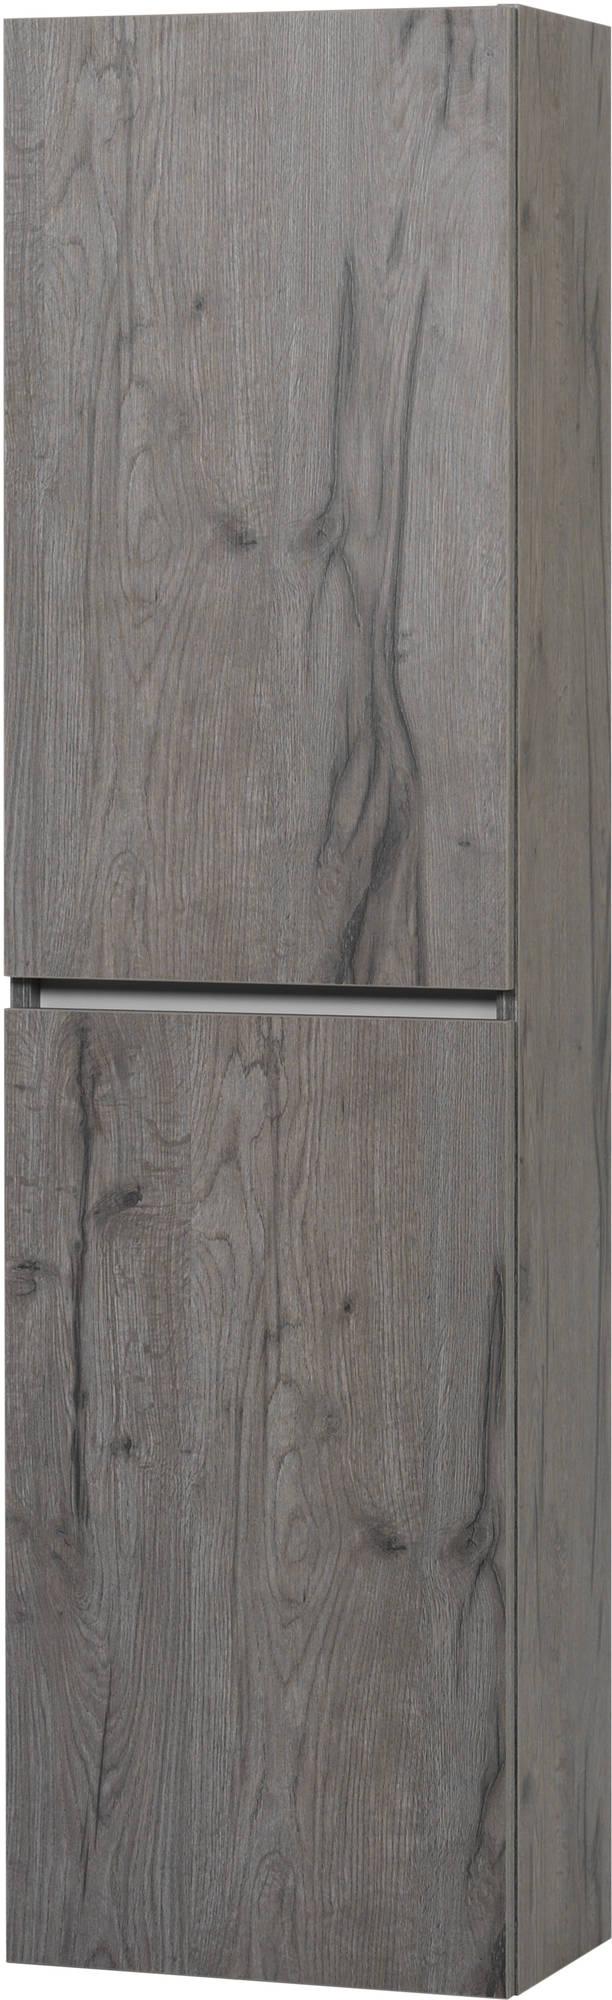 Ben Limara Hoge kast links 45x29x165 cm Cape Elm/Aluminium